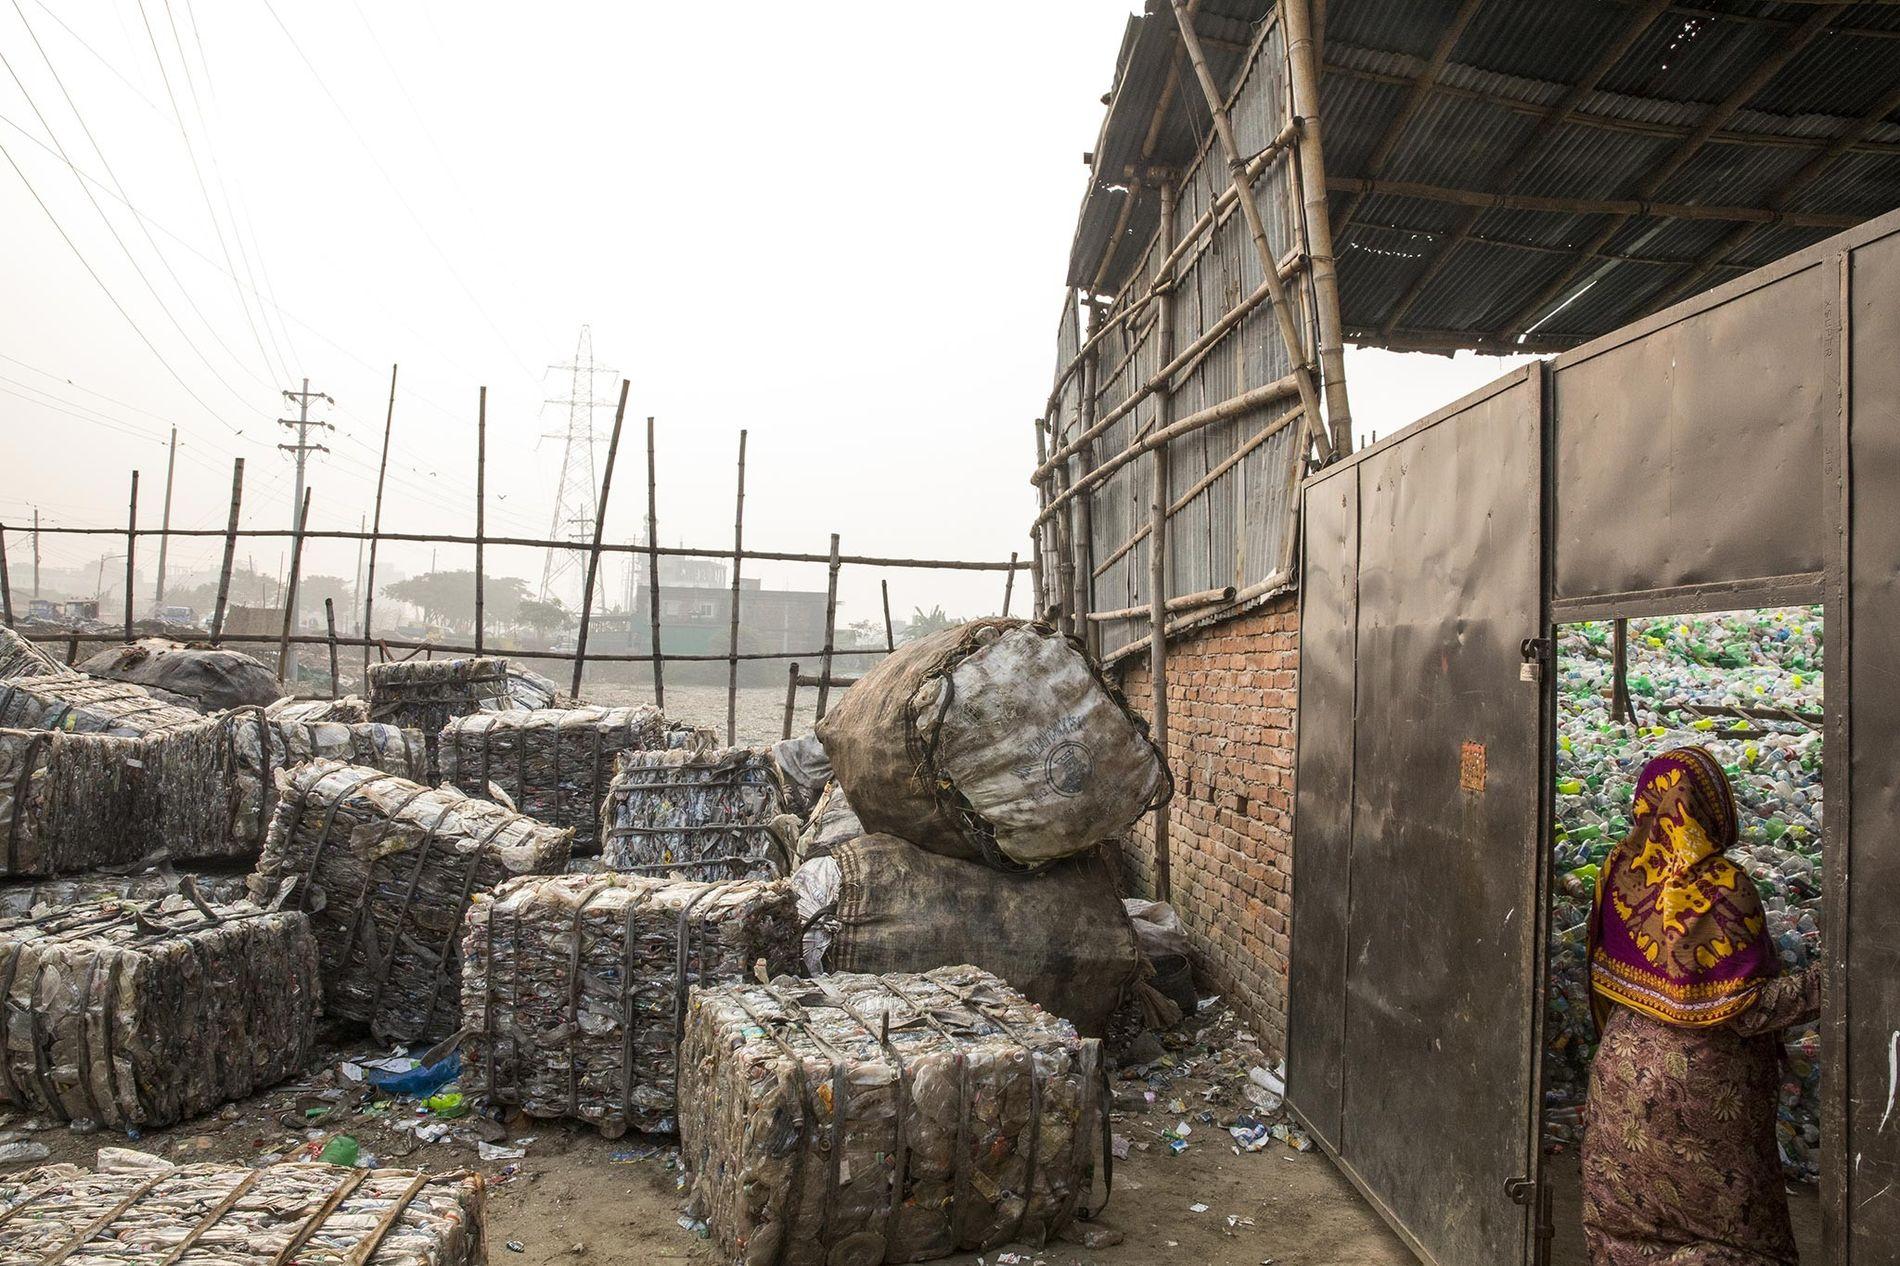 Pacotes de plástico aguardam reciclagem, em Daca, no Bangladesh.